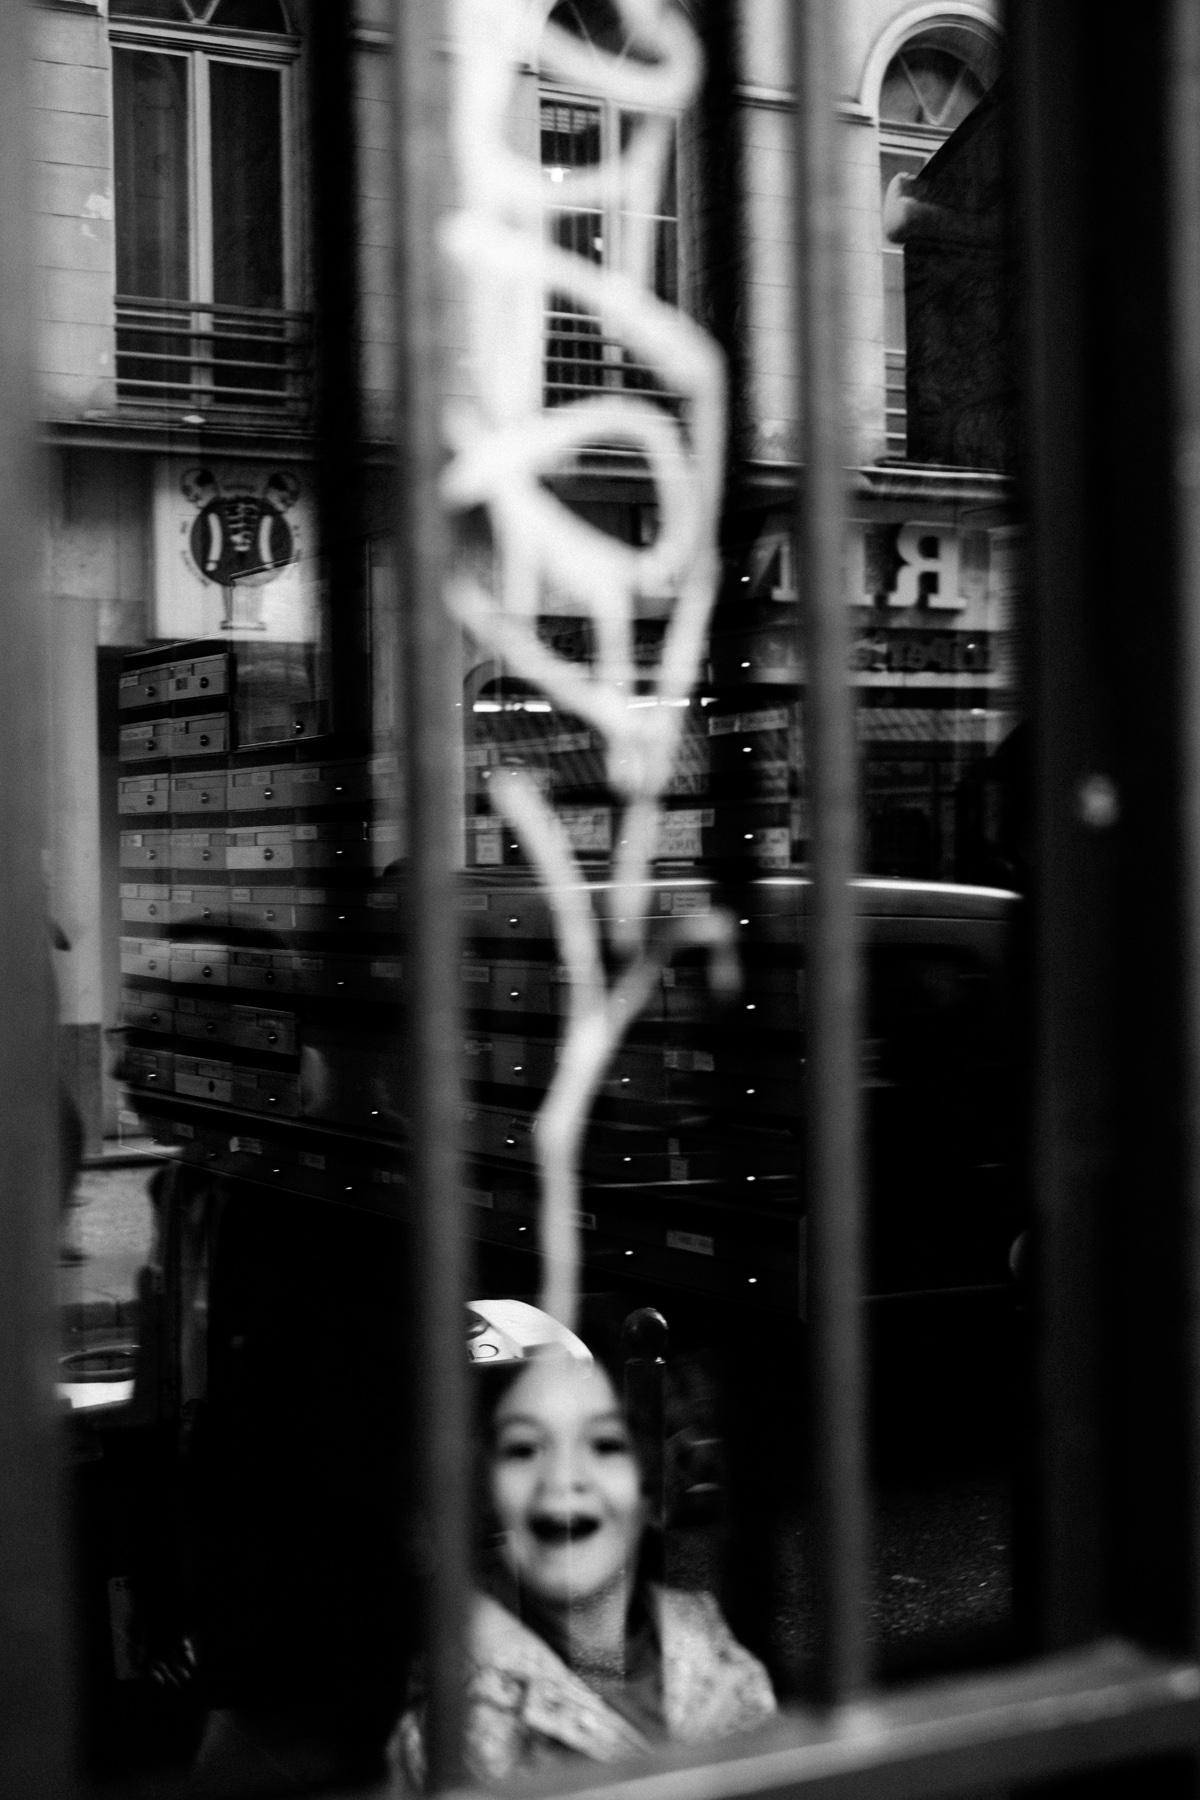 BILDER_PARIS_april_2016_lowres-56